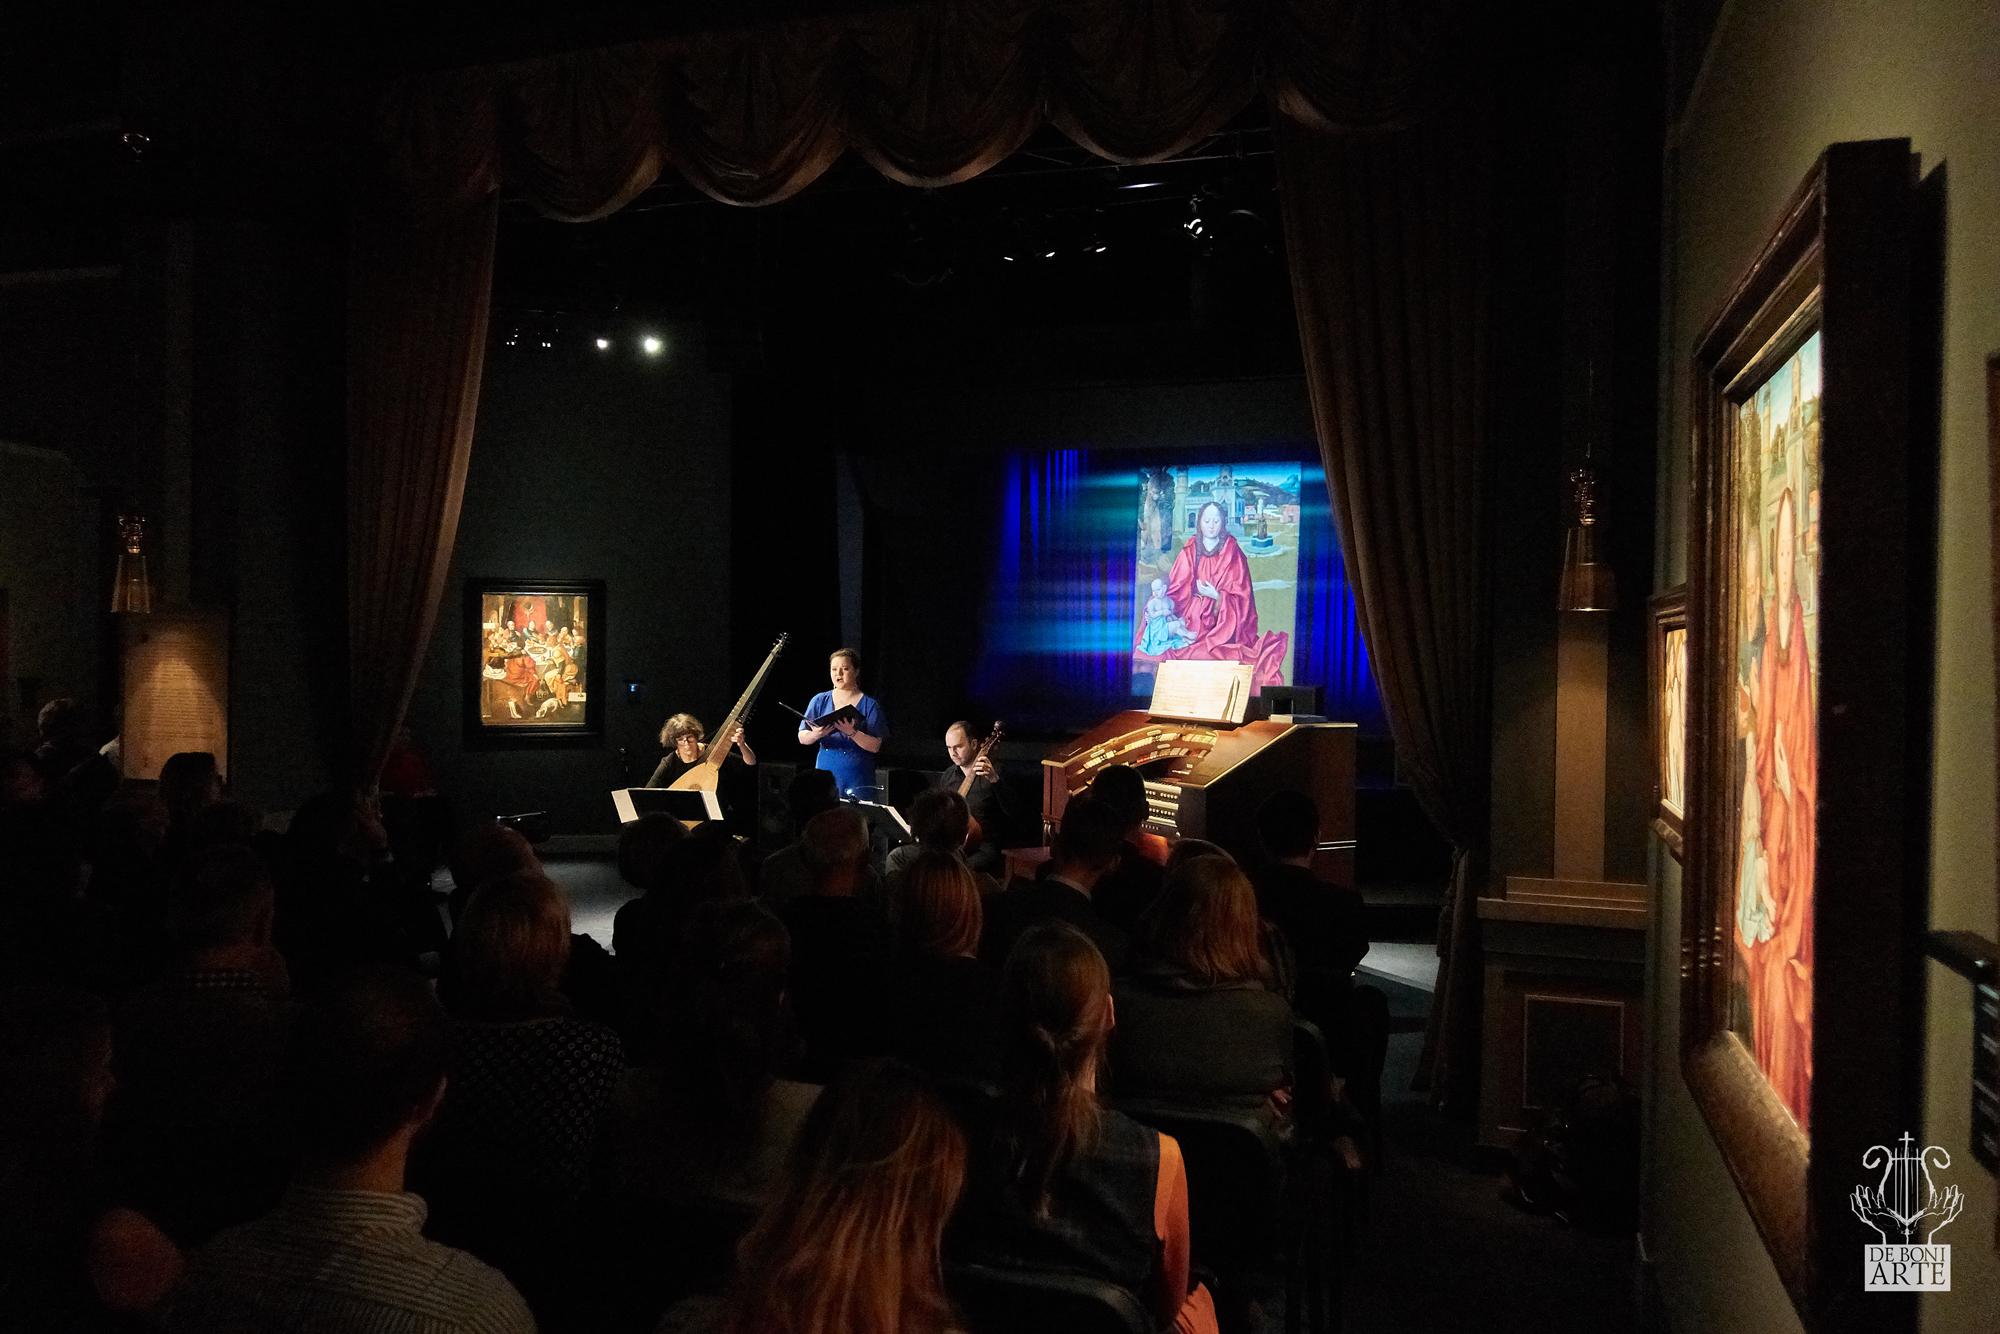 Концерт «Музыка соборов мира: Италия и Нидерланды в Храме Христа Спасителя» – события на сайте «Московские Сезоны»